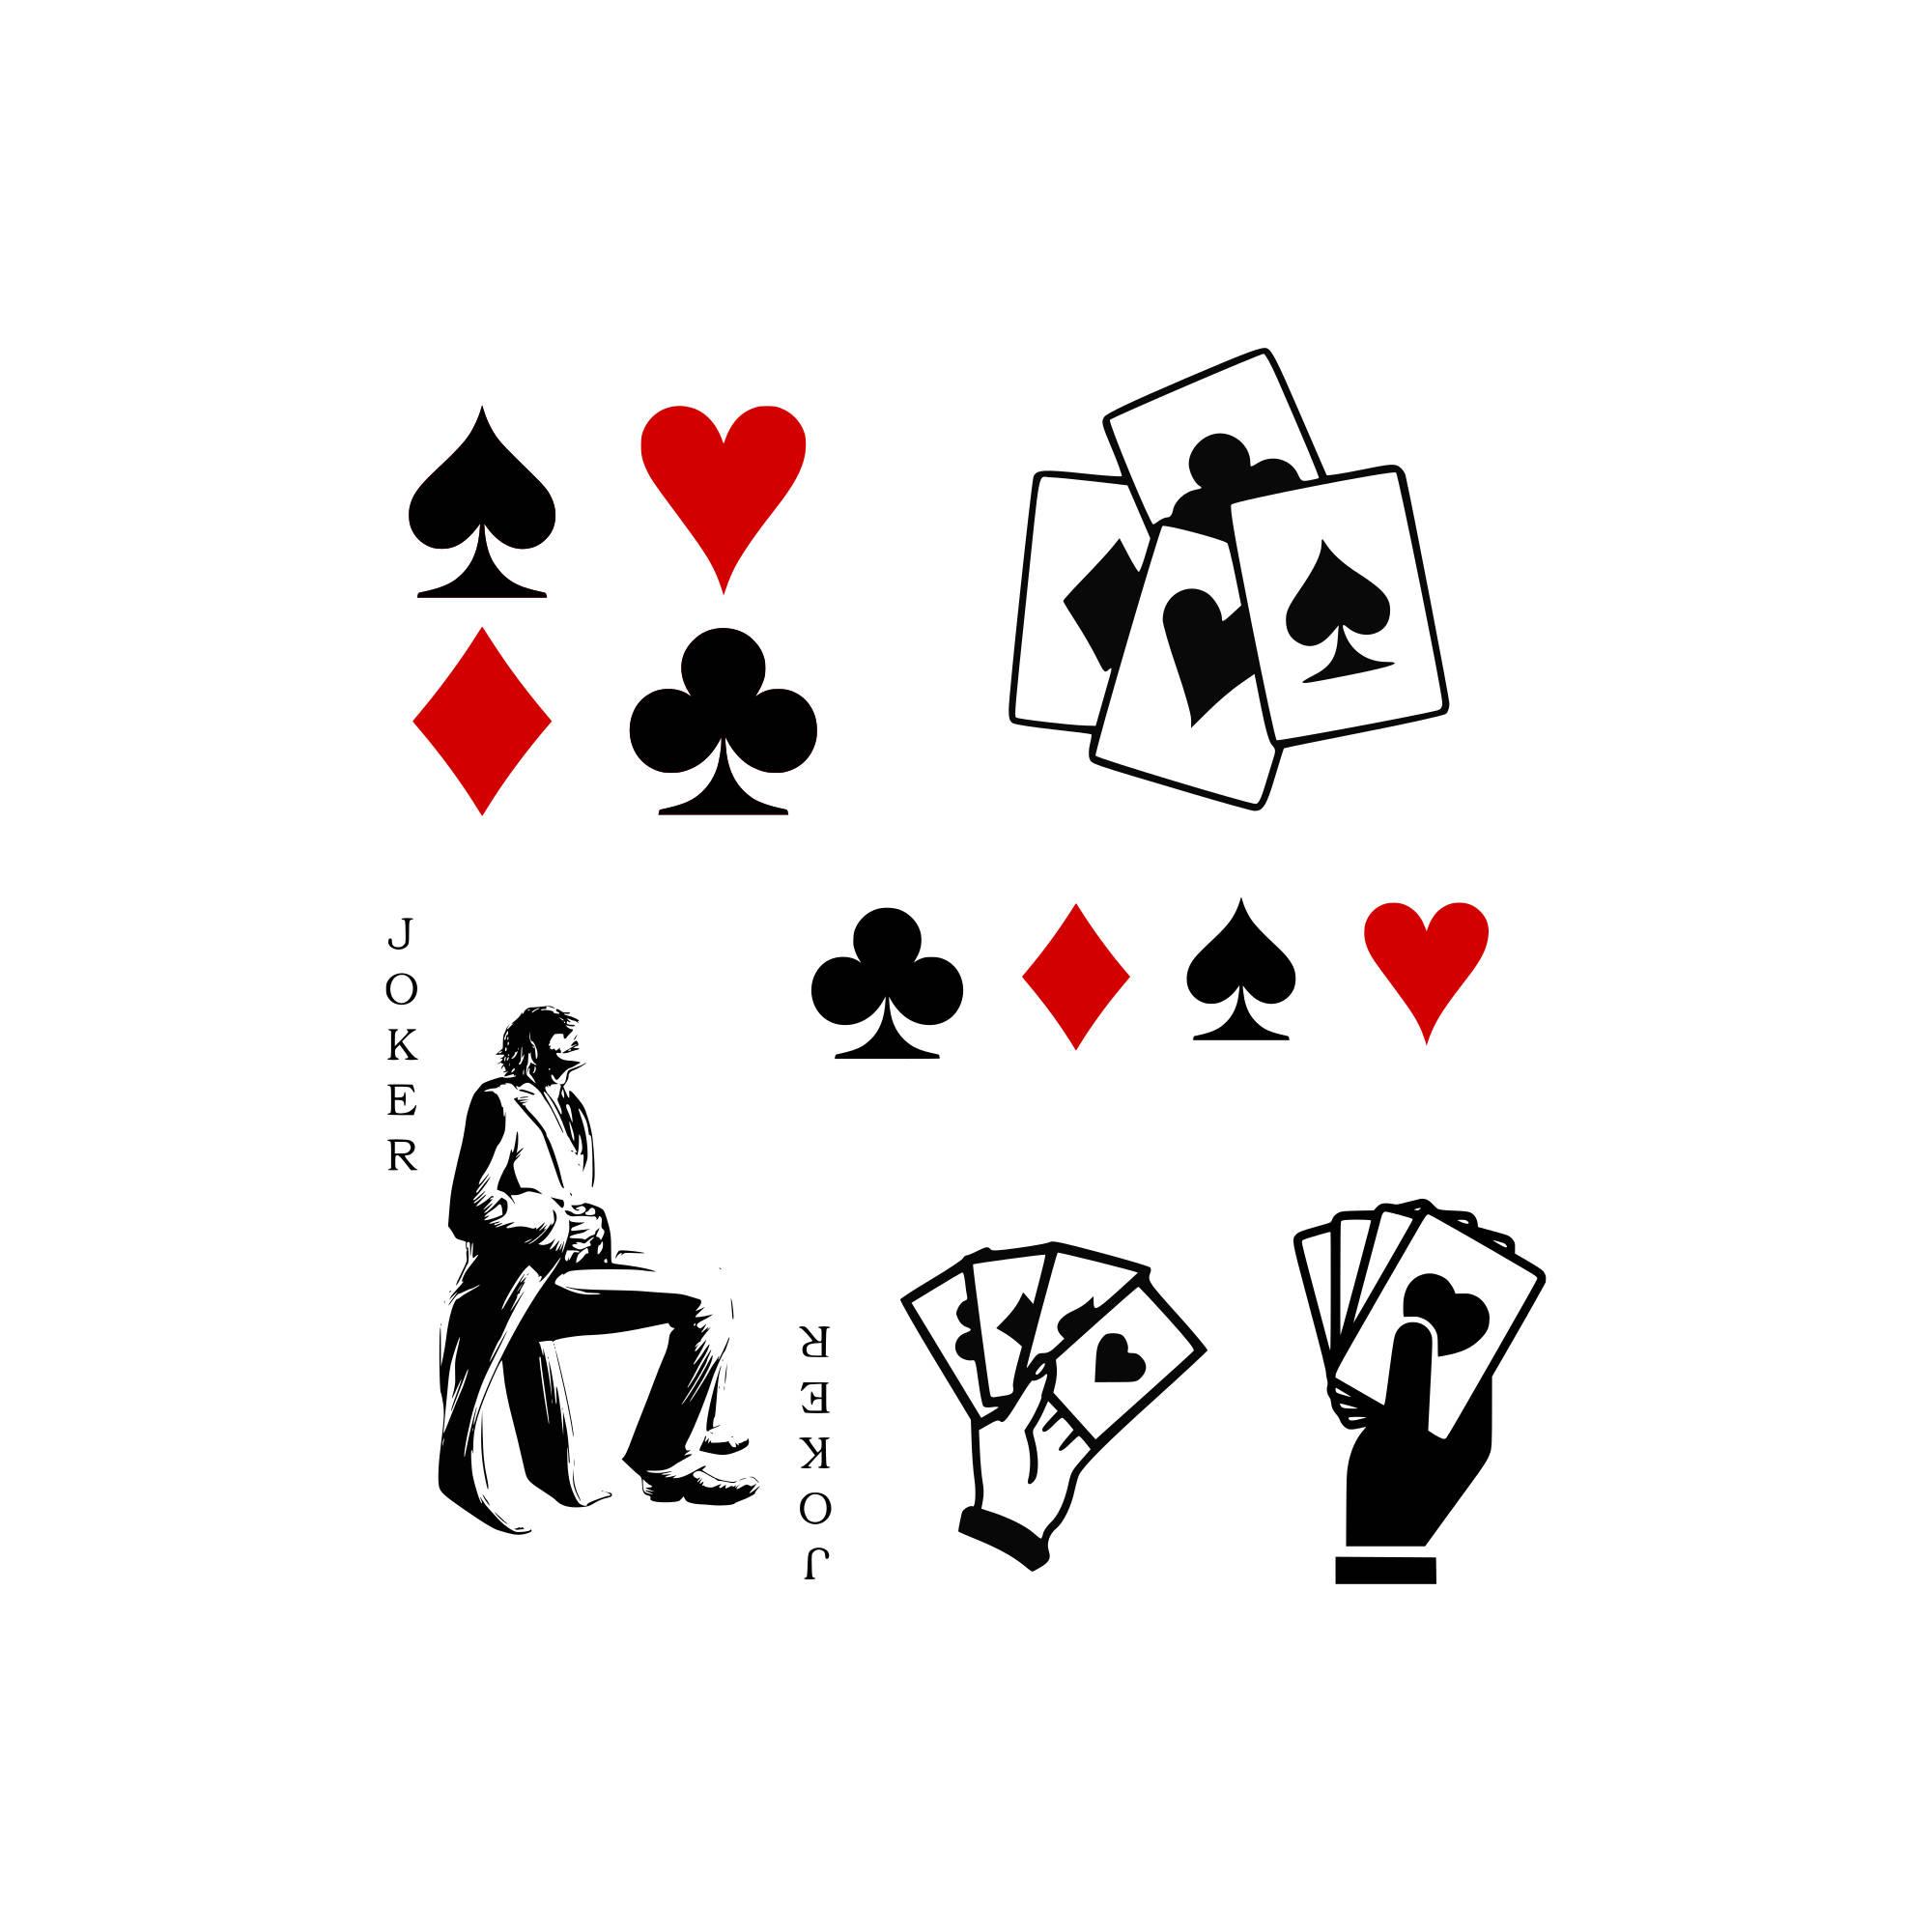 Playing Card Drawing At Getdrawings